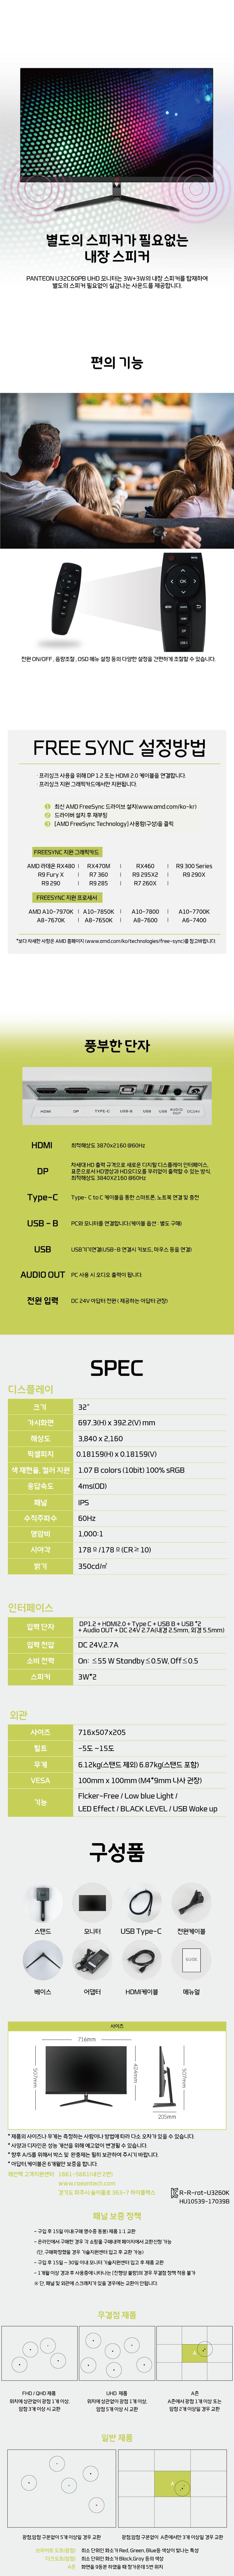 래안텍 PANTHEON U32C60PB TYPE-C 4K UHD IPS 무결점